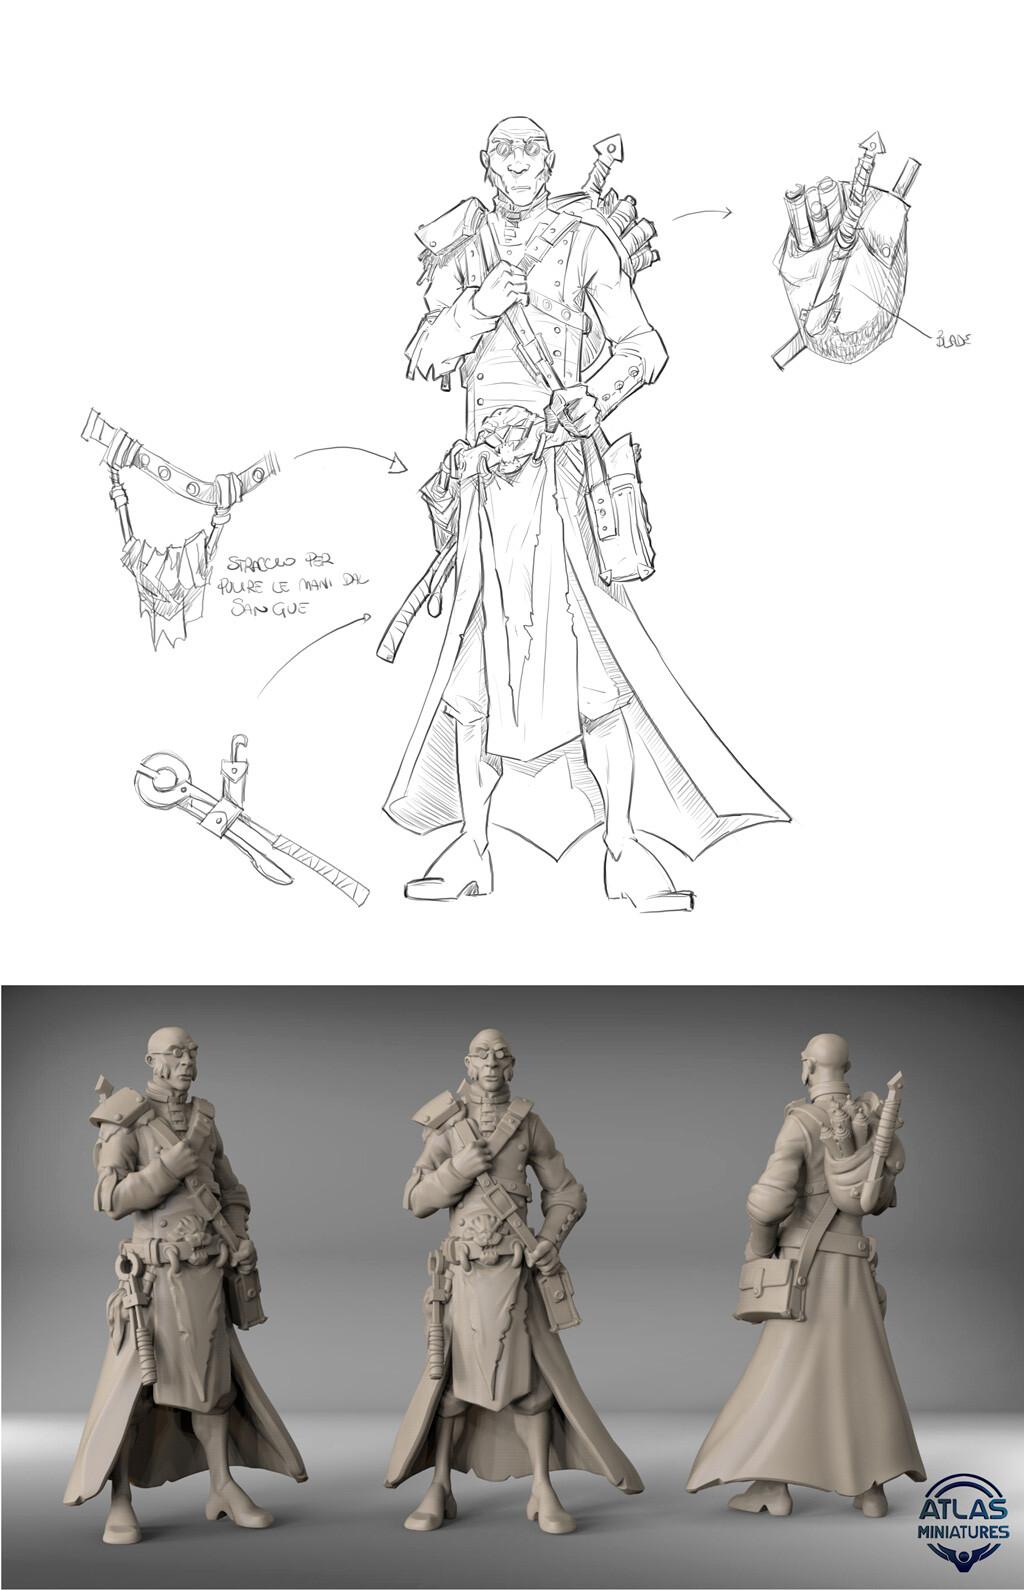 2D Character Design - Claudio Casini Art 3D - Daniele Danko Angelozzi